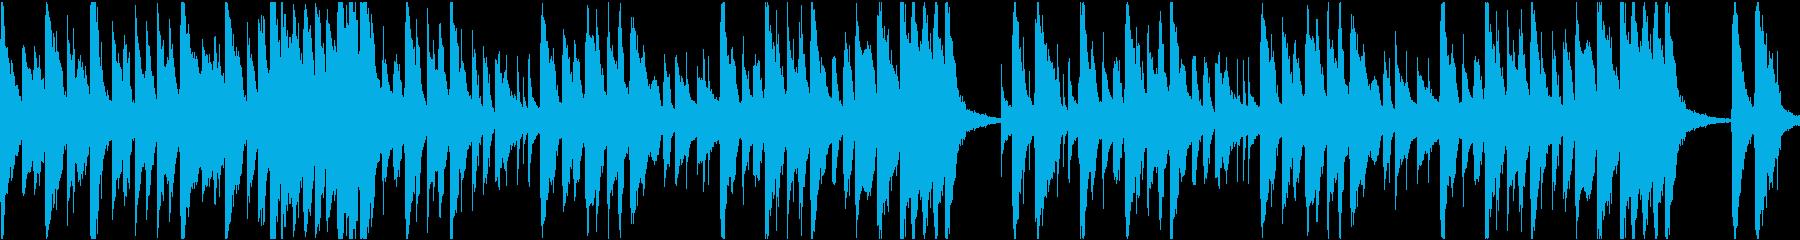 10秒でサビ、コミカル/カラオケループの再生済みの波形